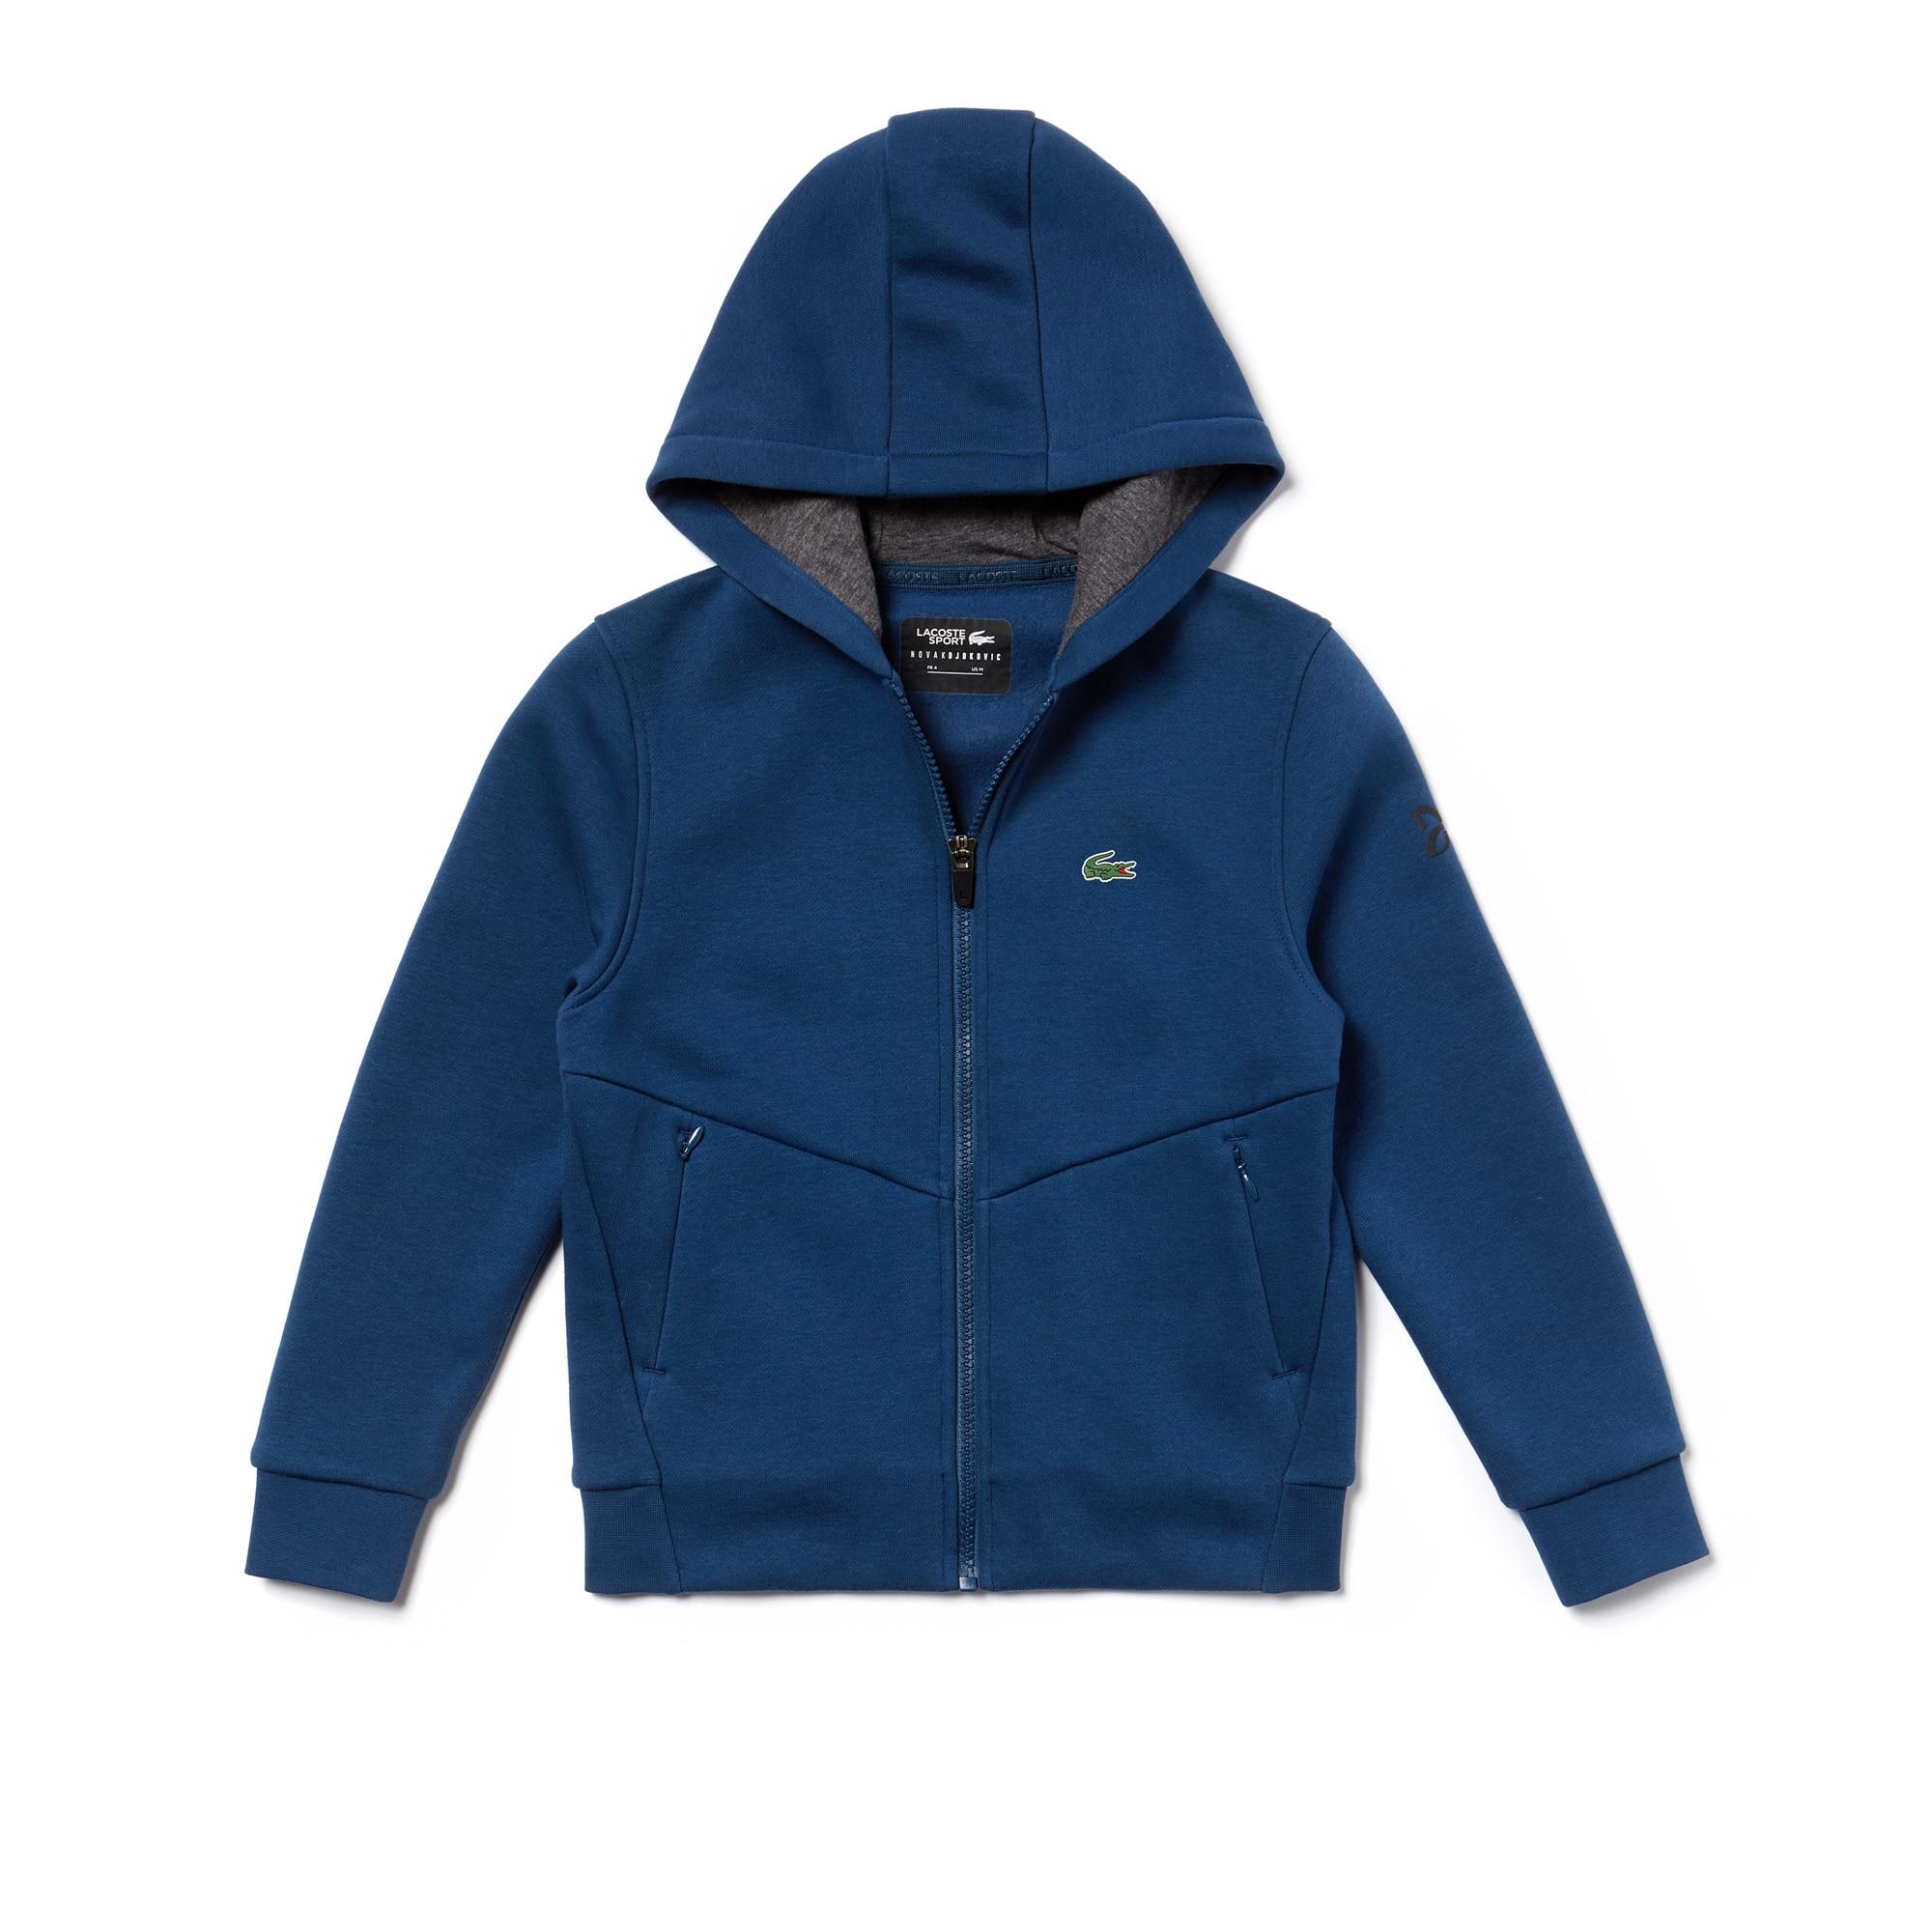 Lacoste SPORT NOVAK DJOKOVIC-OFF COURT COLLECTION-sweatshirt jongens technische fleece met rits